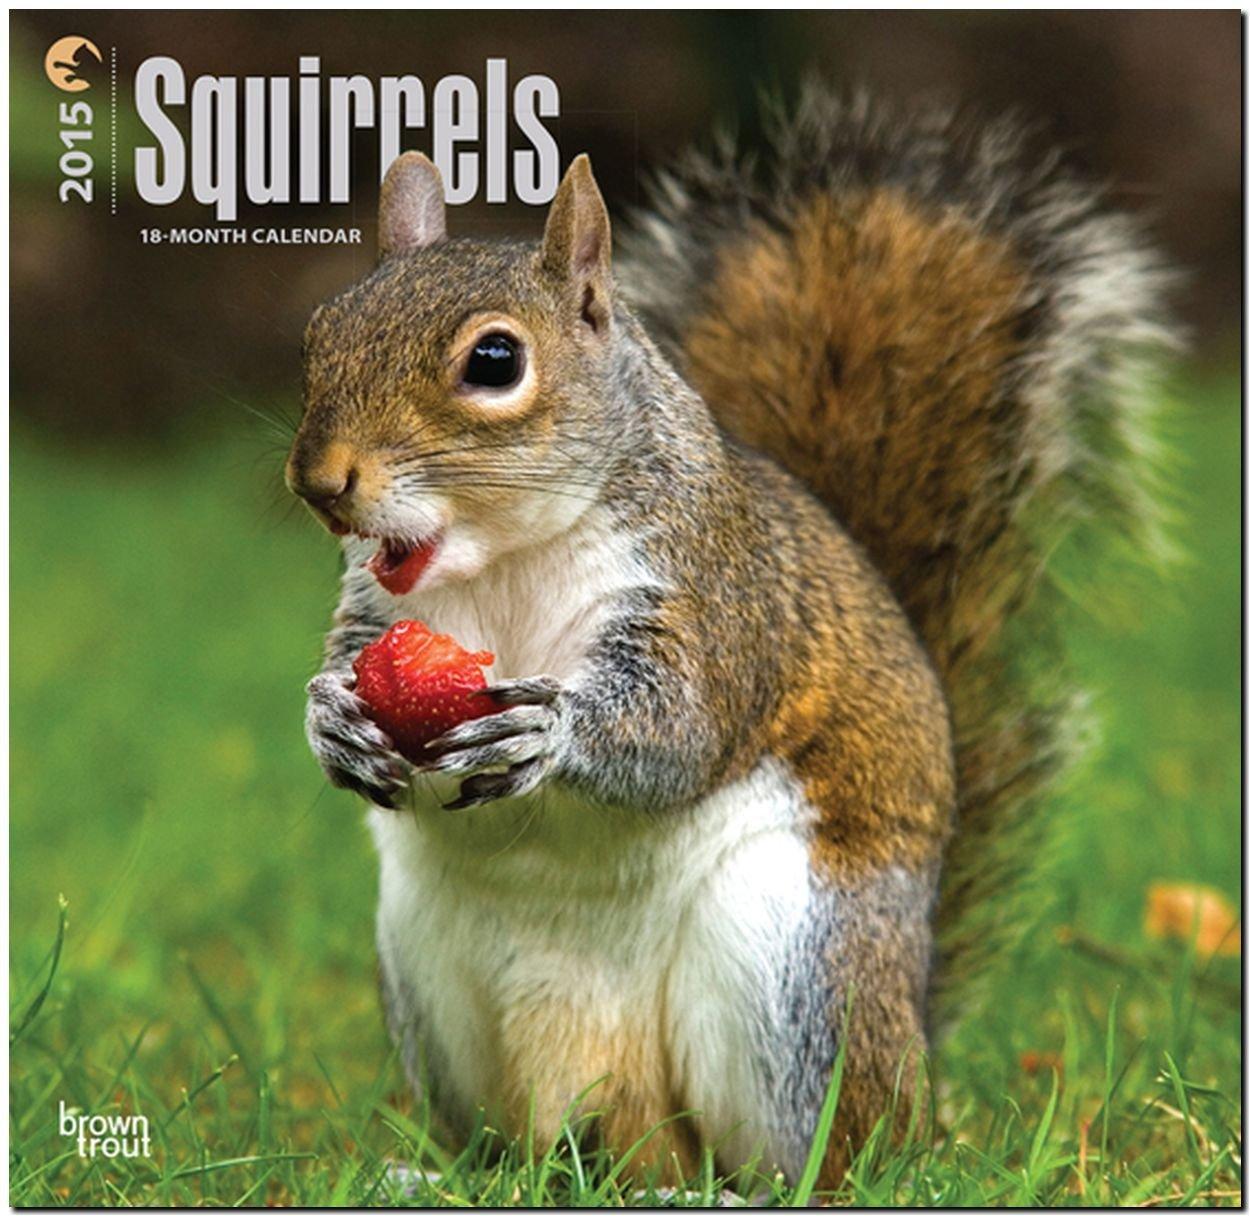 Squirrels 2015 - Eichhörnchen - Grauhörnchen: Original BrownTrout-Kalender [Mehrsprachig] [Kalender]